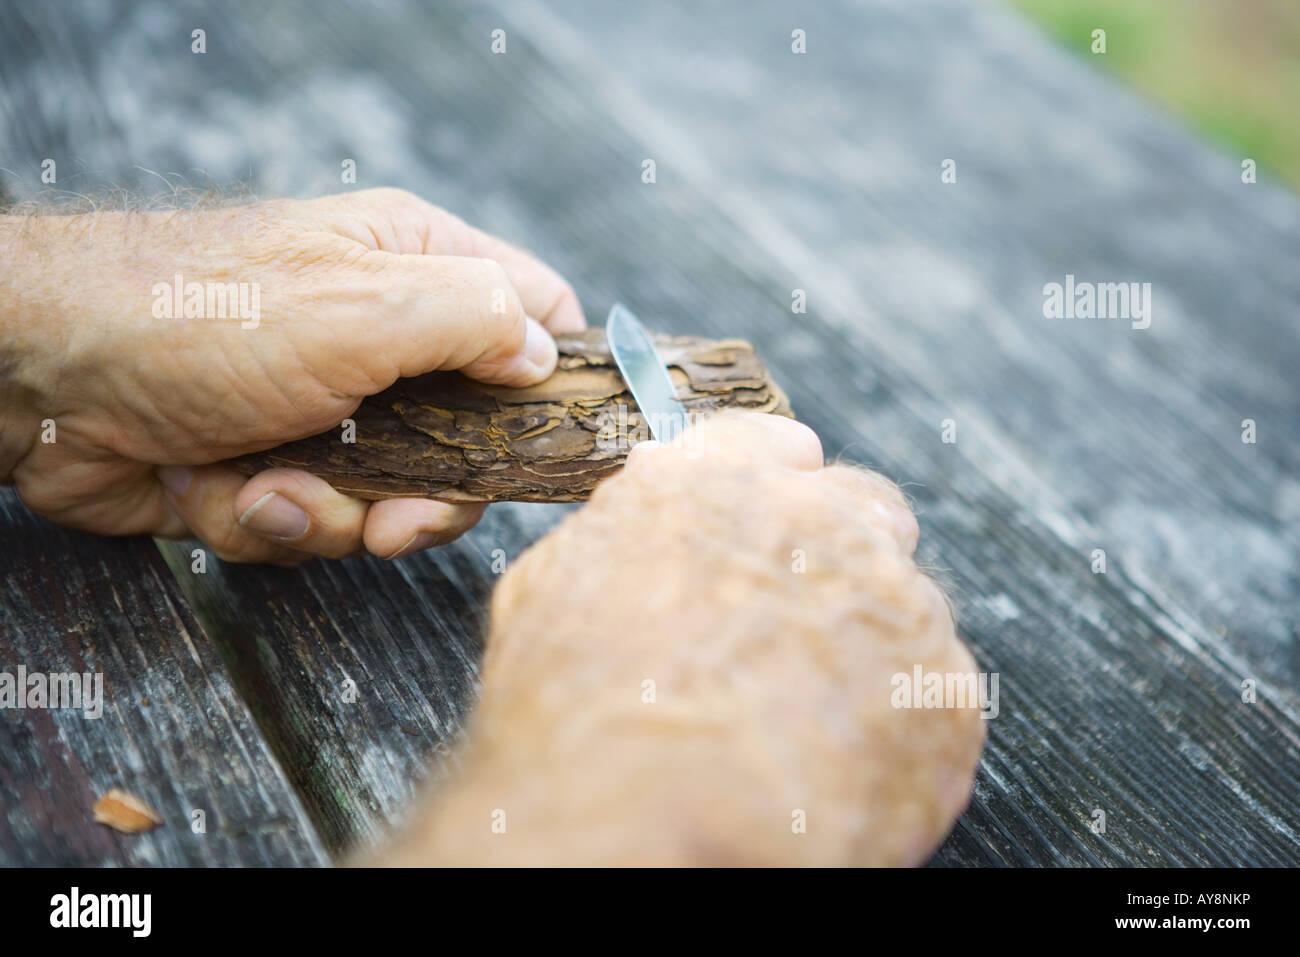 Mann schnitzen Stück Rinde, Blick auf Hände abgeschnitten Stockbild